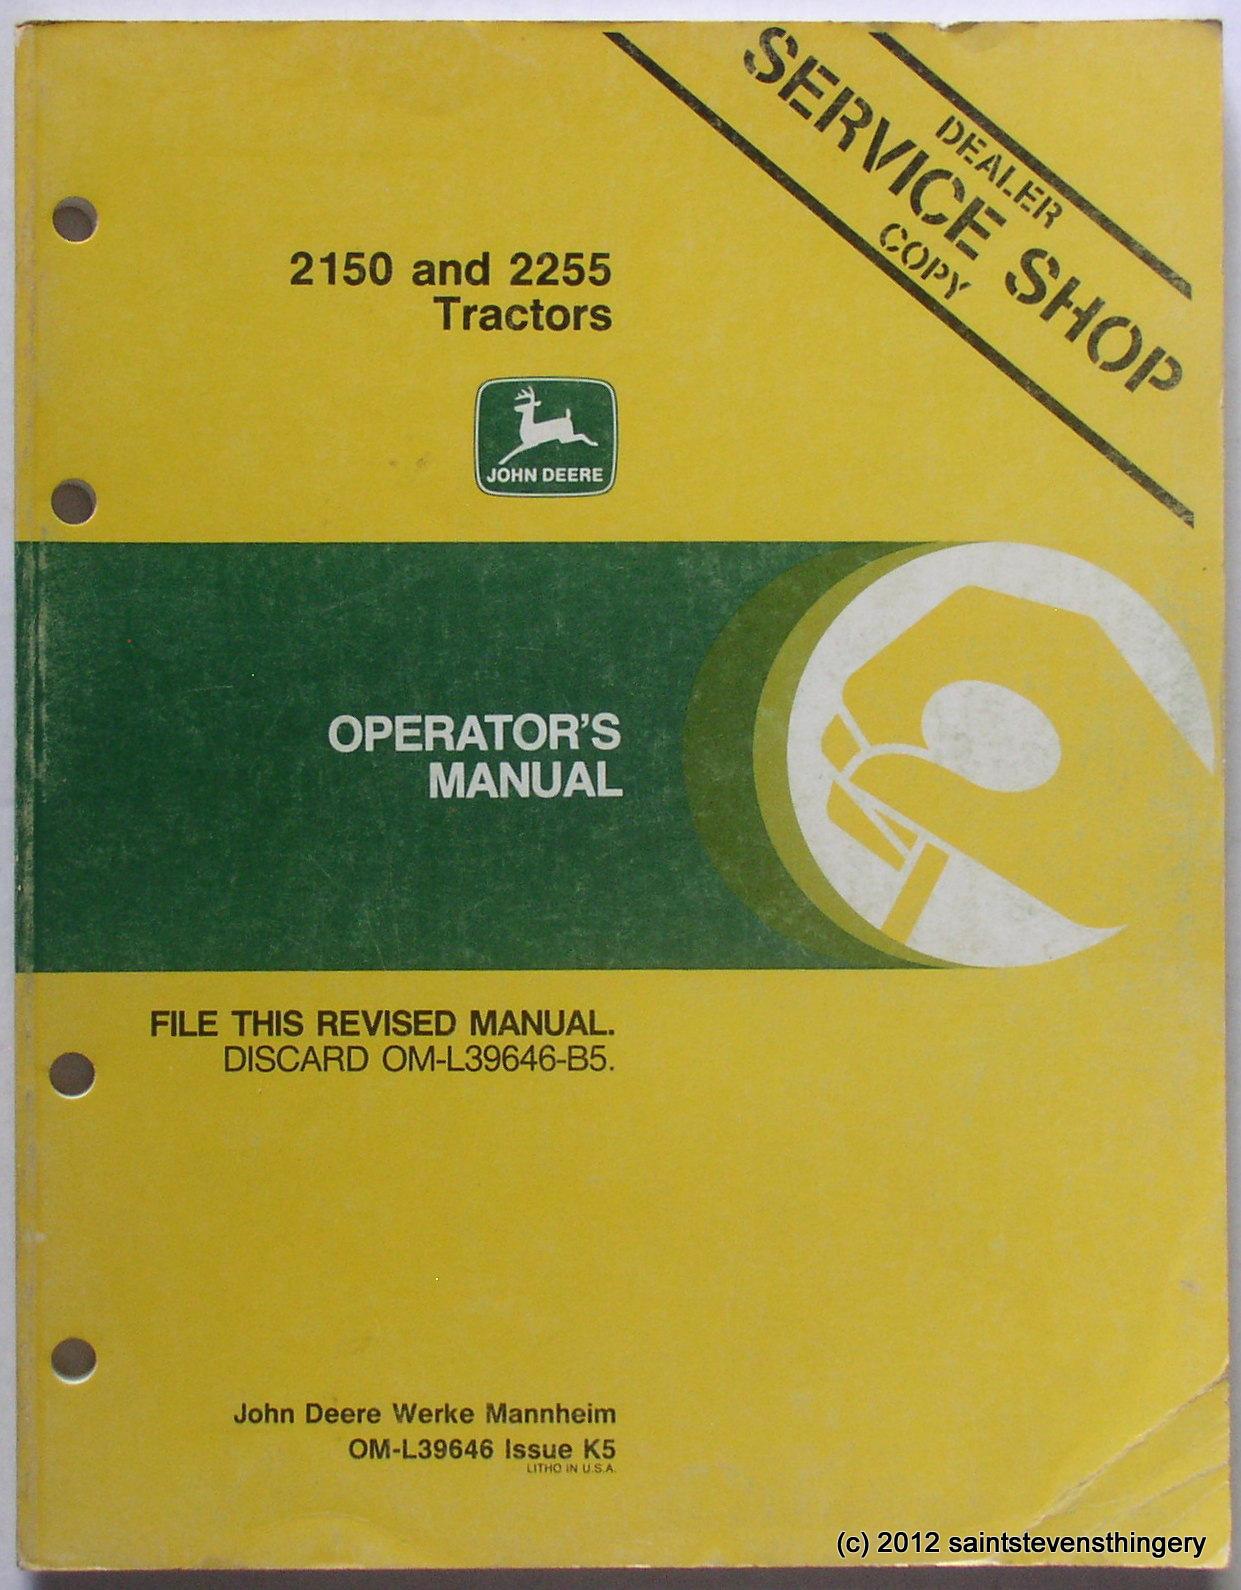 Deere 2150 2255 Operator's Manual ...